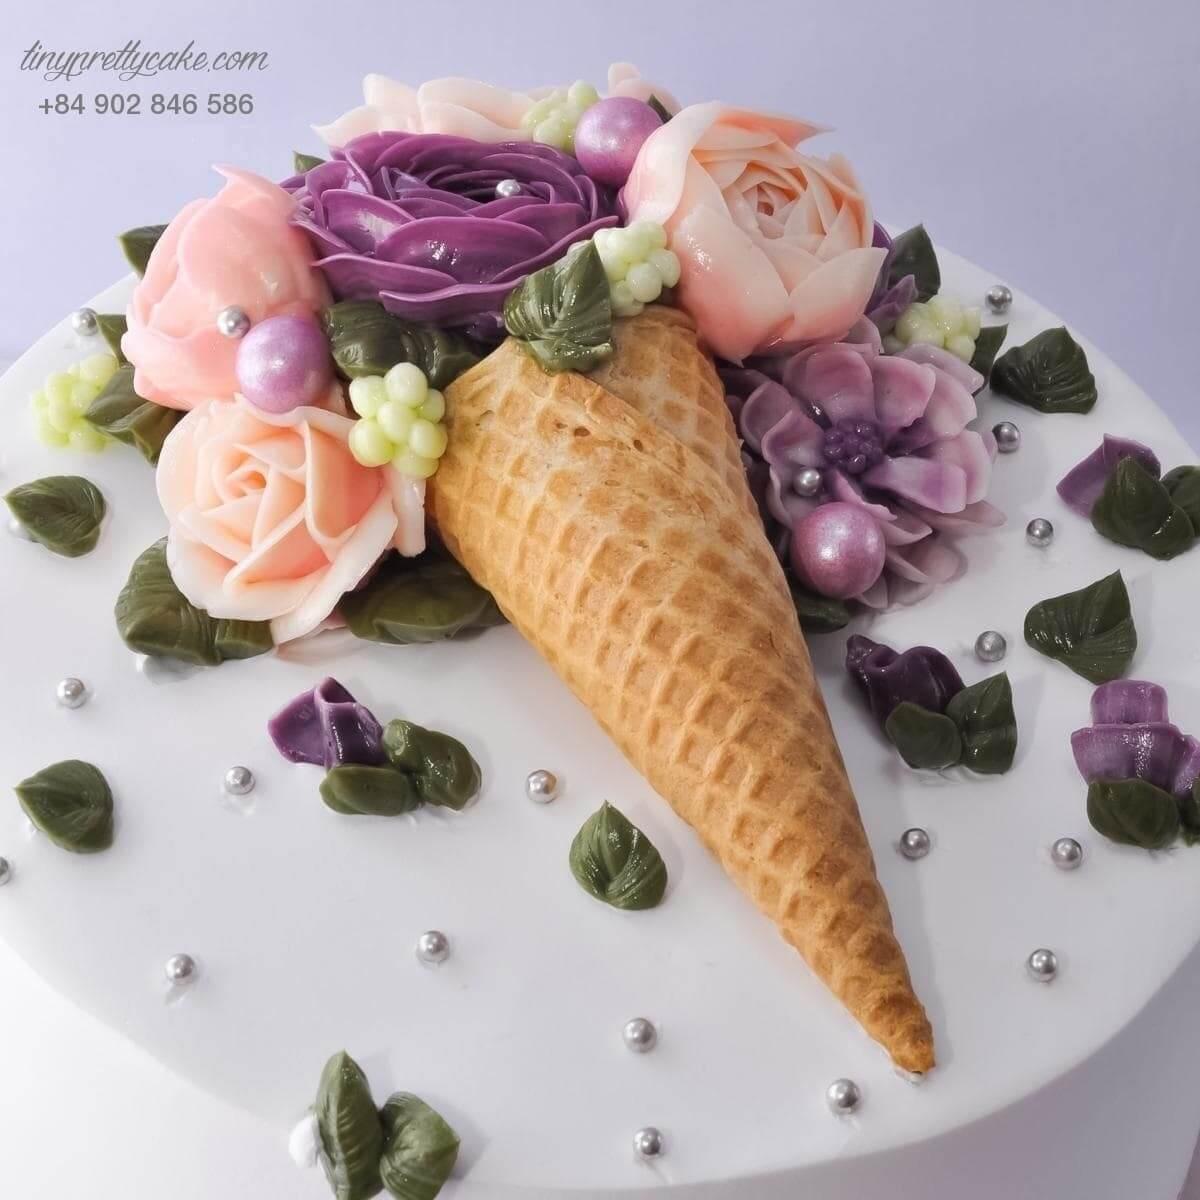 Bánh sinh nhật kem bơ ốc quế bắt mát cho phái nữ